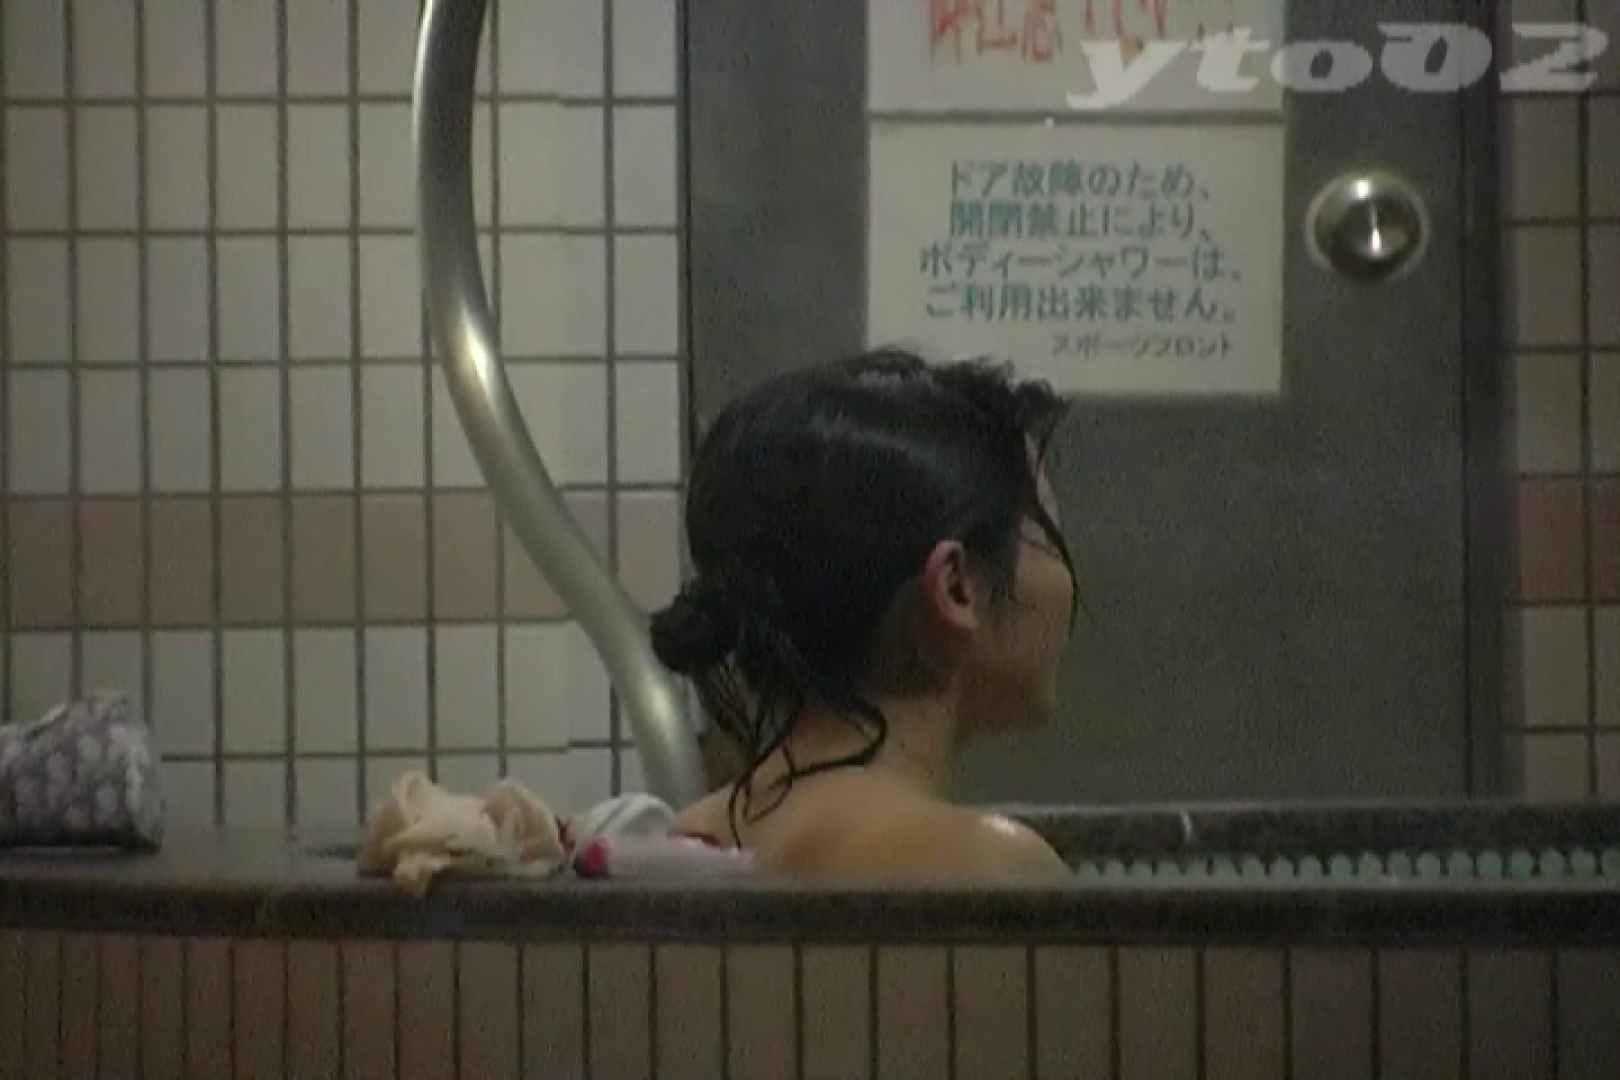 【期間限定配信】合宿ホテル女風呂盗撮 Vol.15 ホテルで絶頂 セックス画像 106画像 29